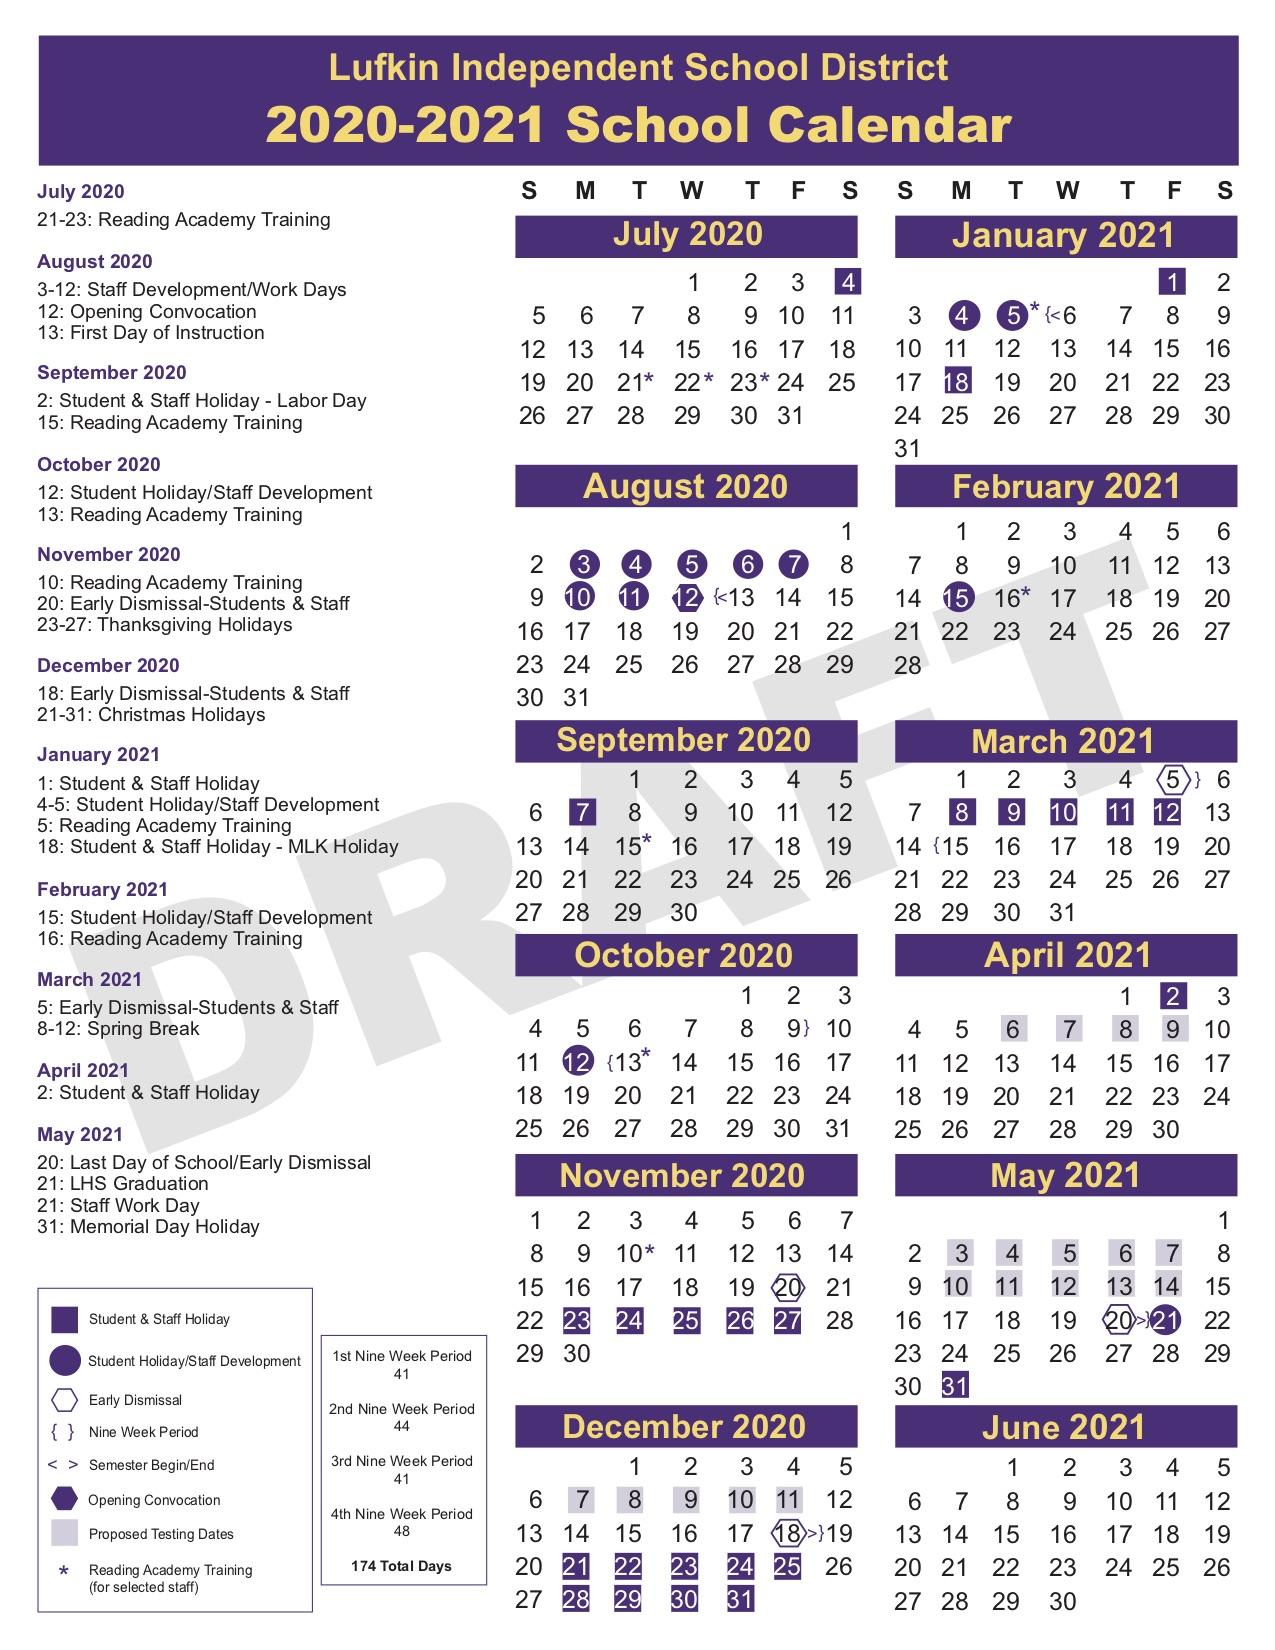 2020-2021 Lufkin ISD Calendar